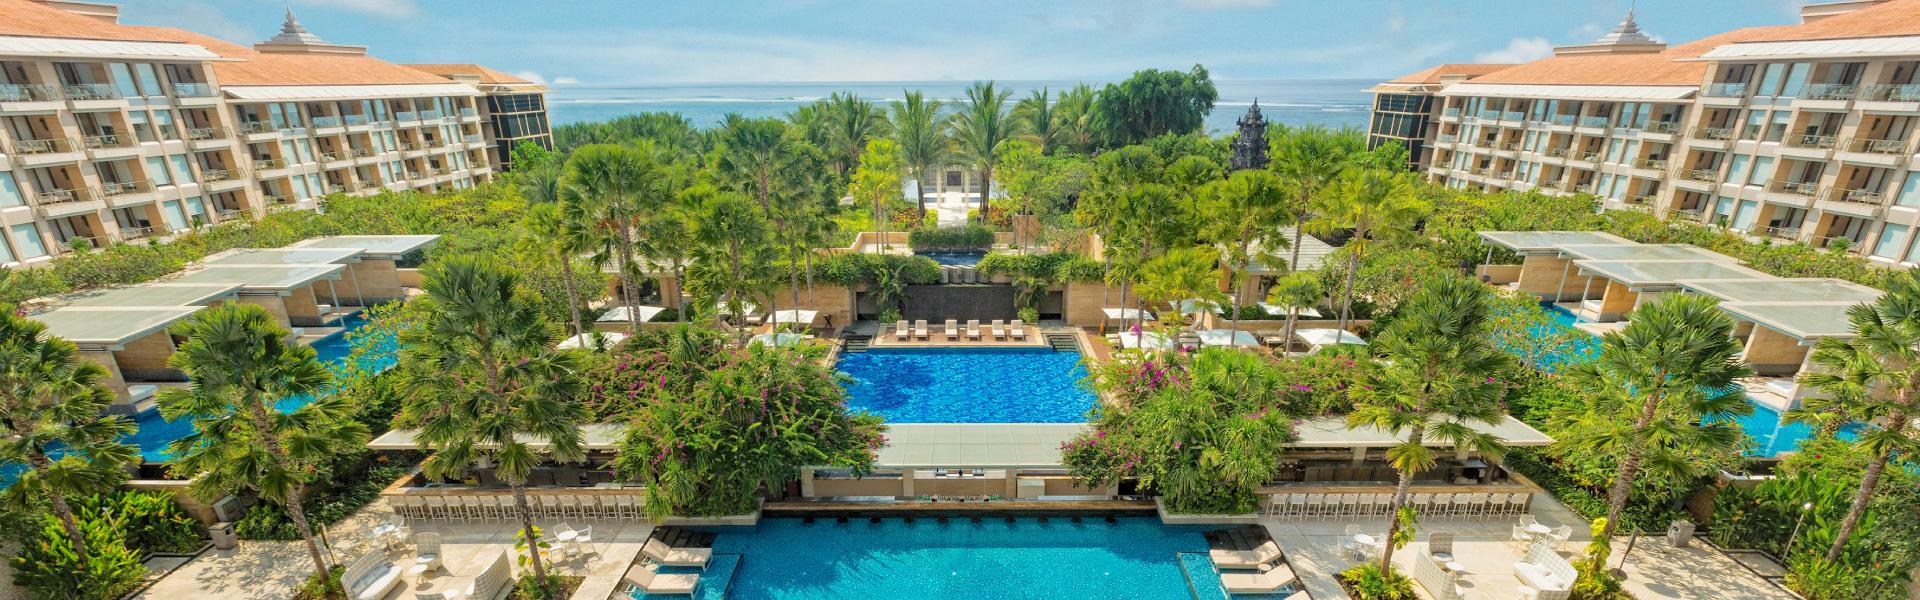 Mulia Resort - Nusa Dua, Bali